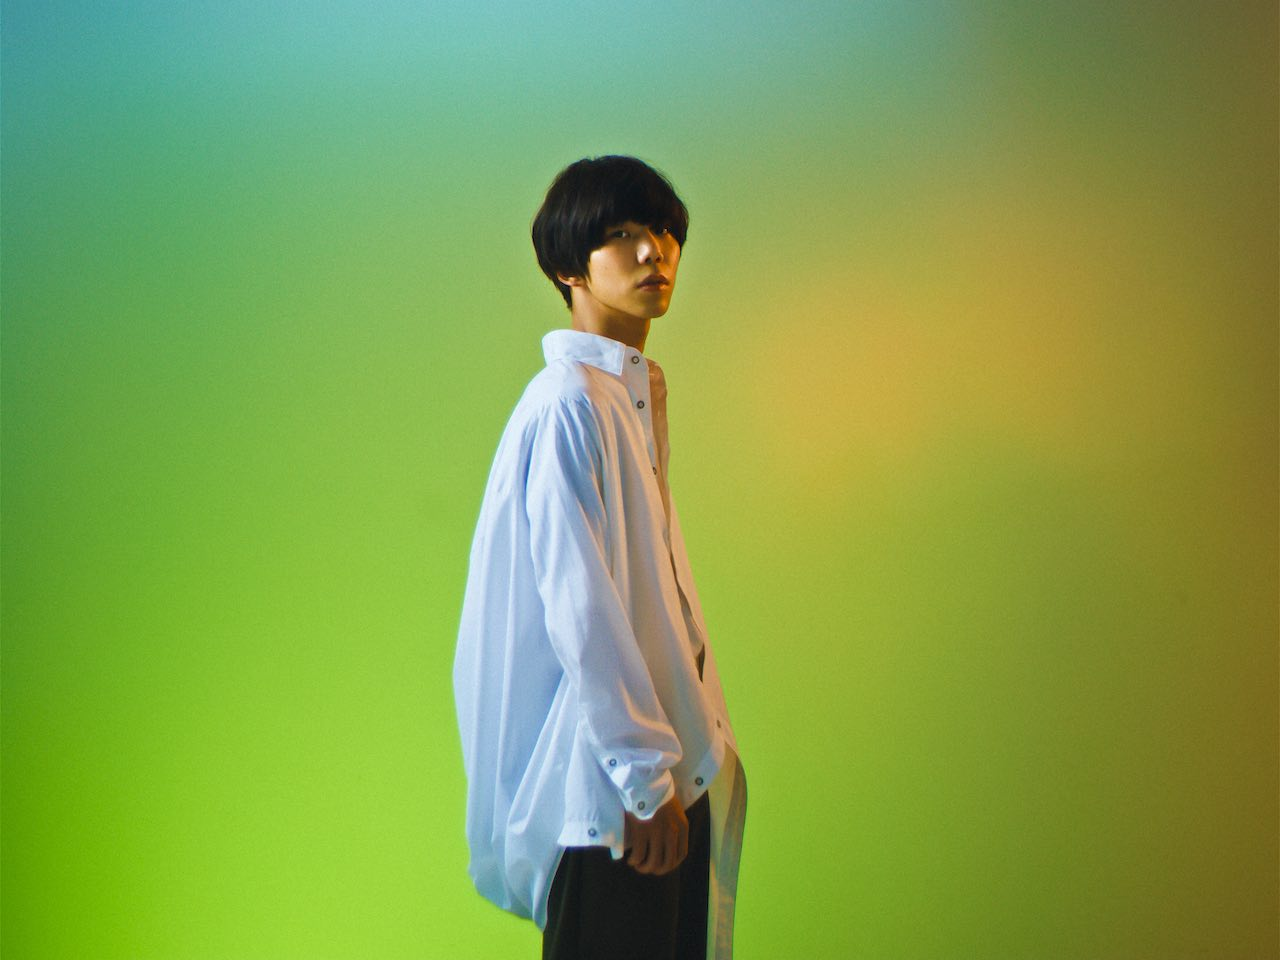 Sano ibuki、ドラマ『ソロ活女子のススメ』オープニングテーマ新曲「Genius」今晩24時より配信スタート!